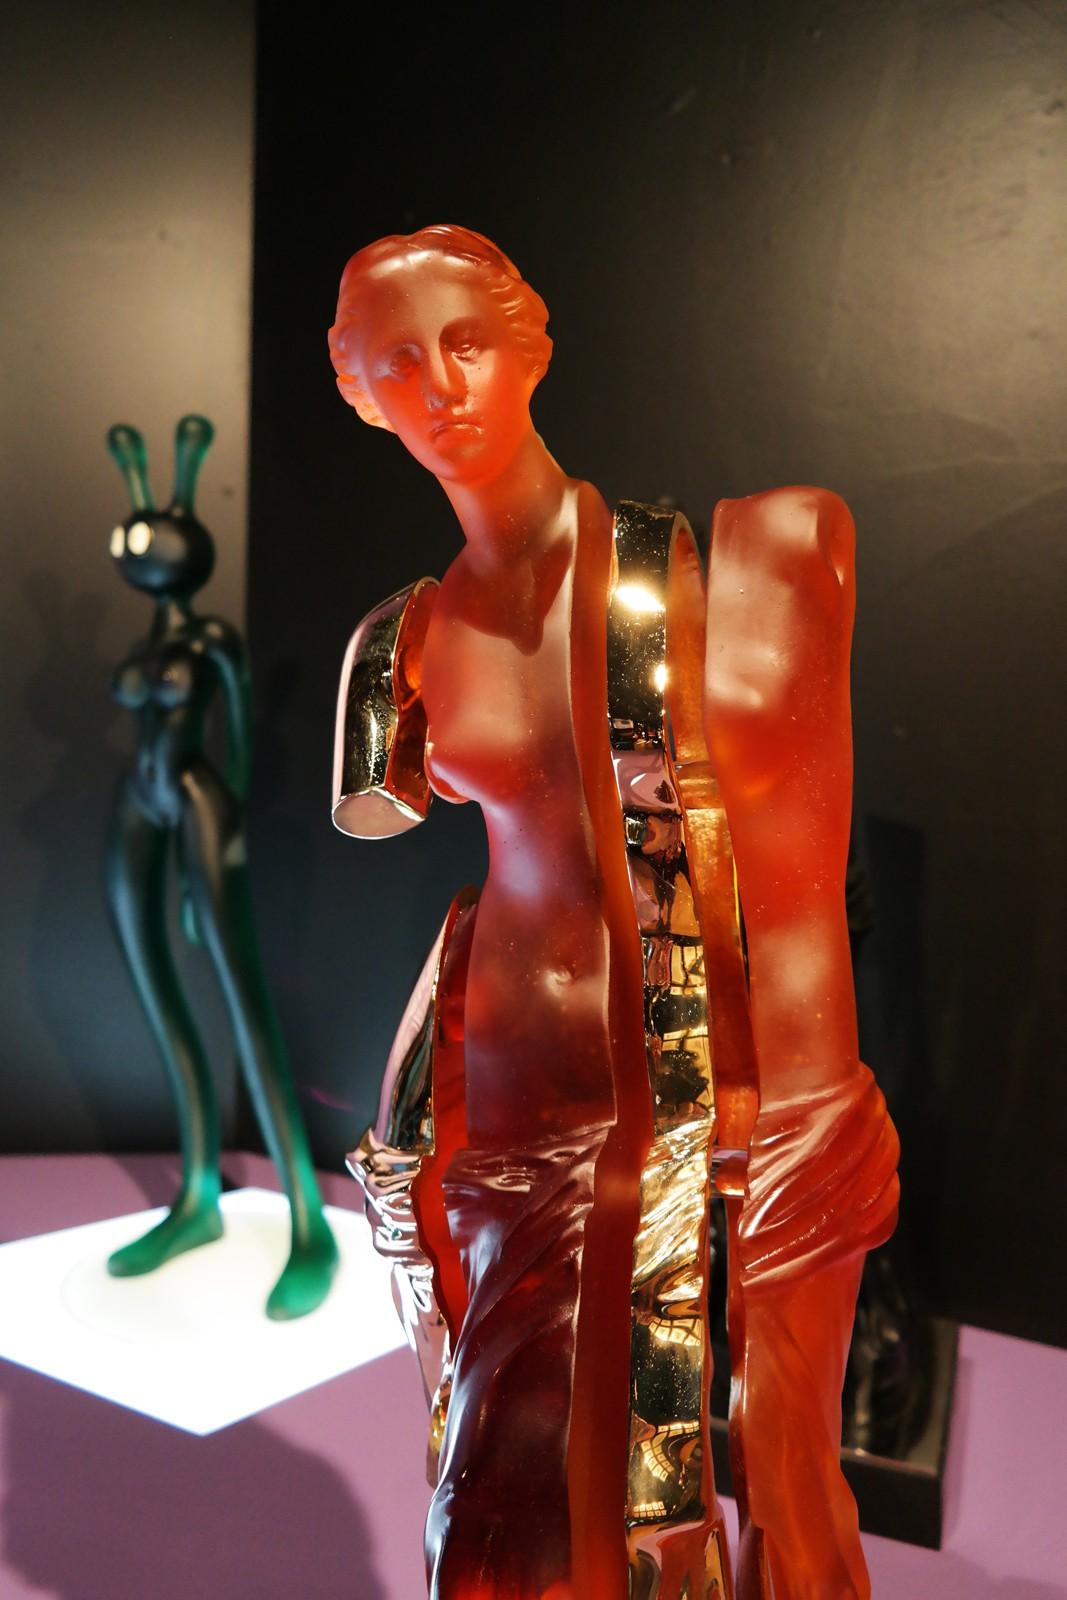 L'âme de Vénus, 2009, Arman